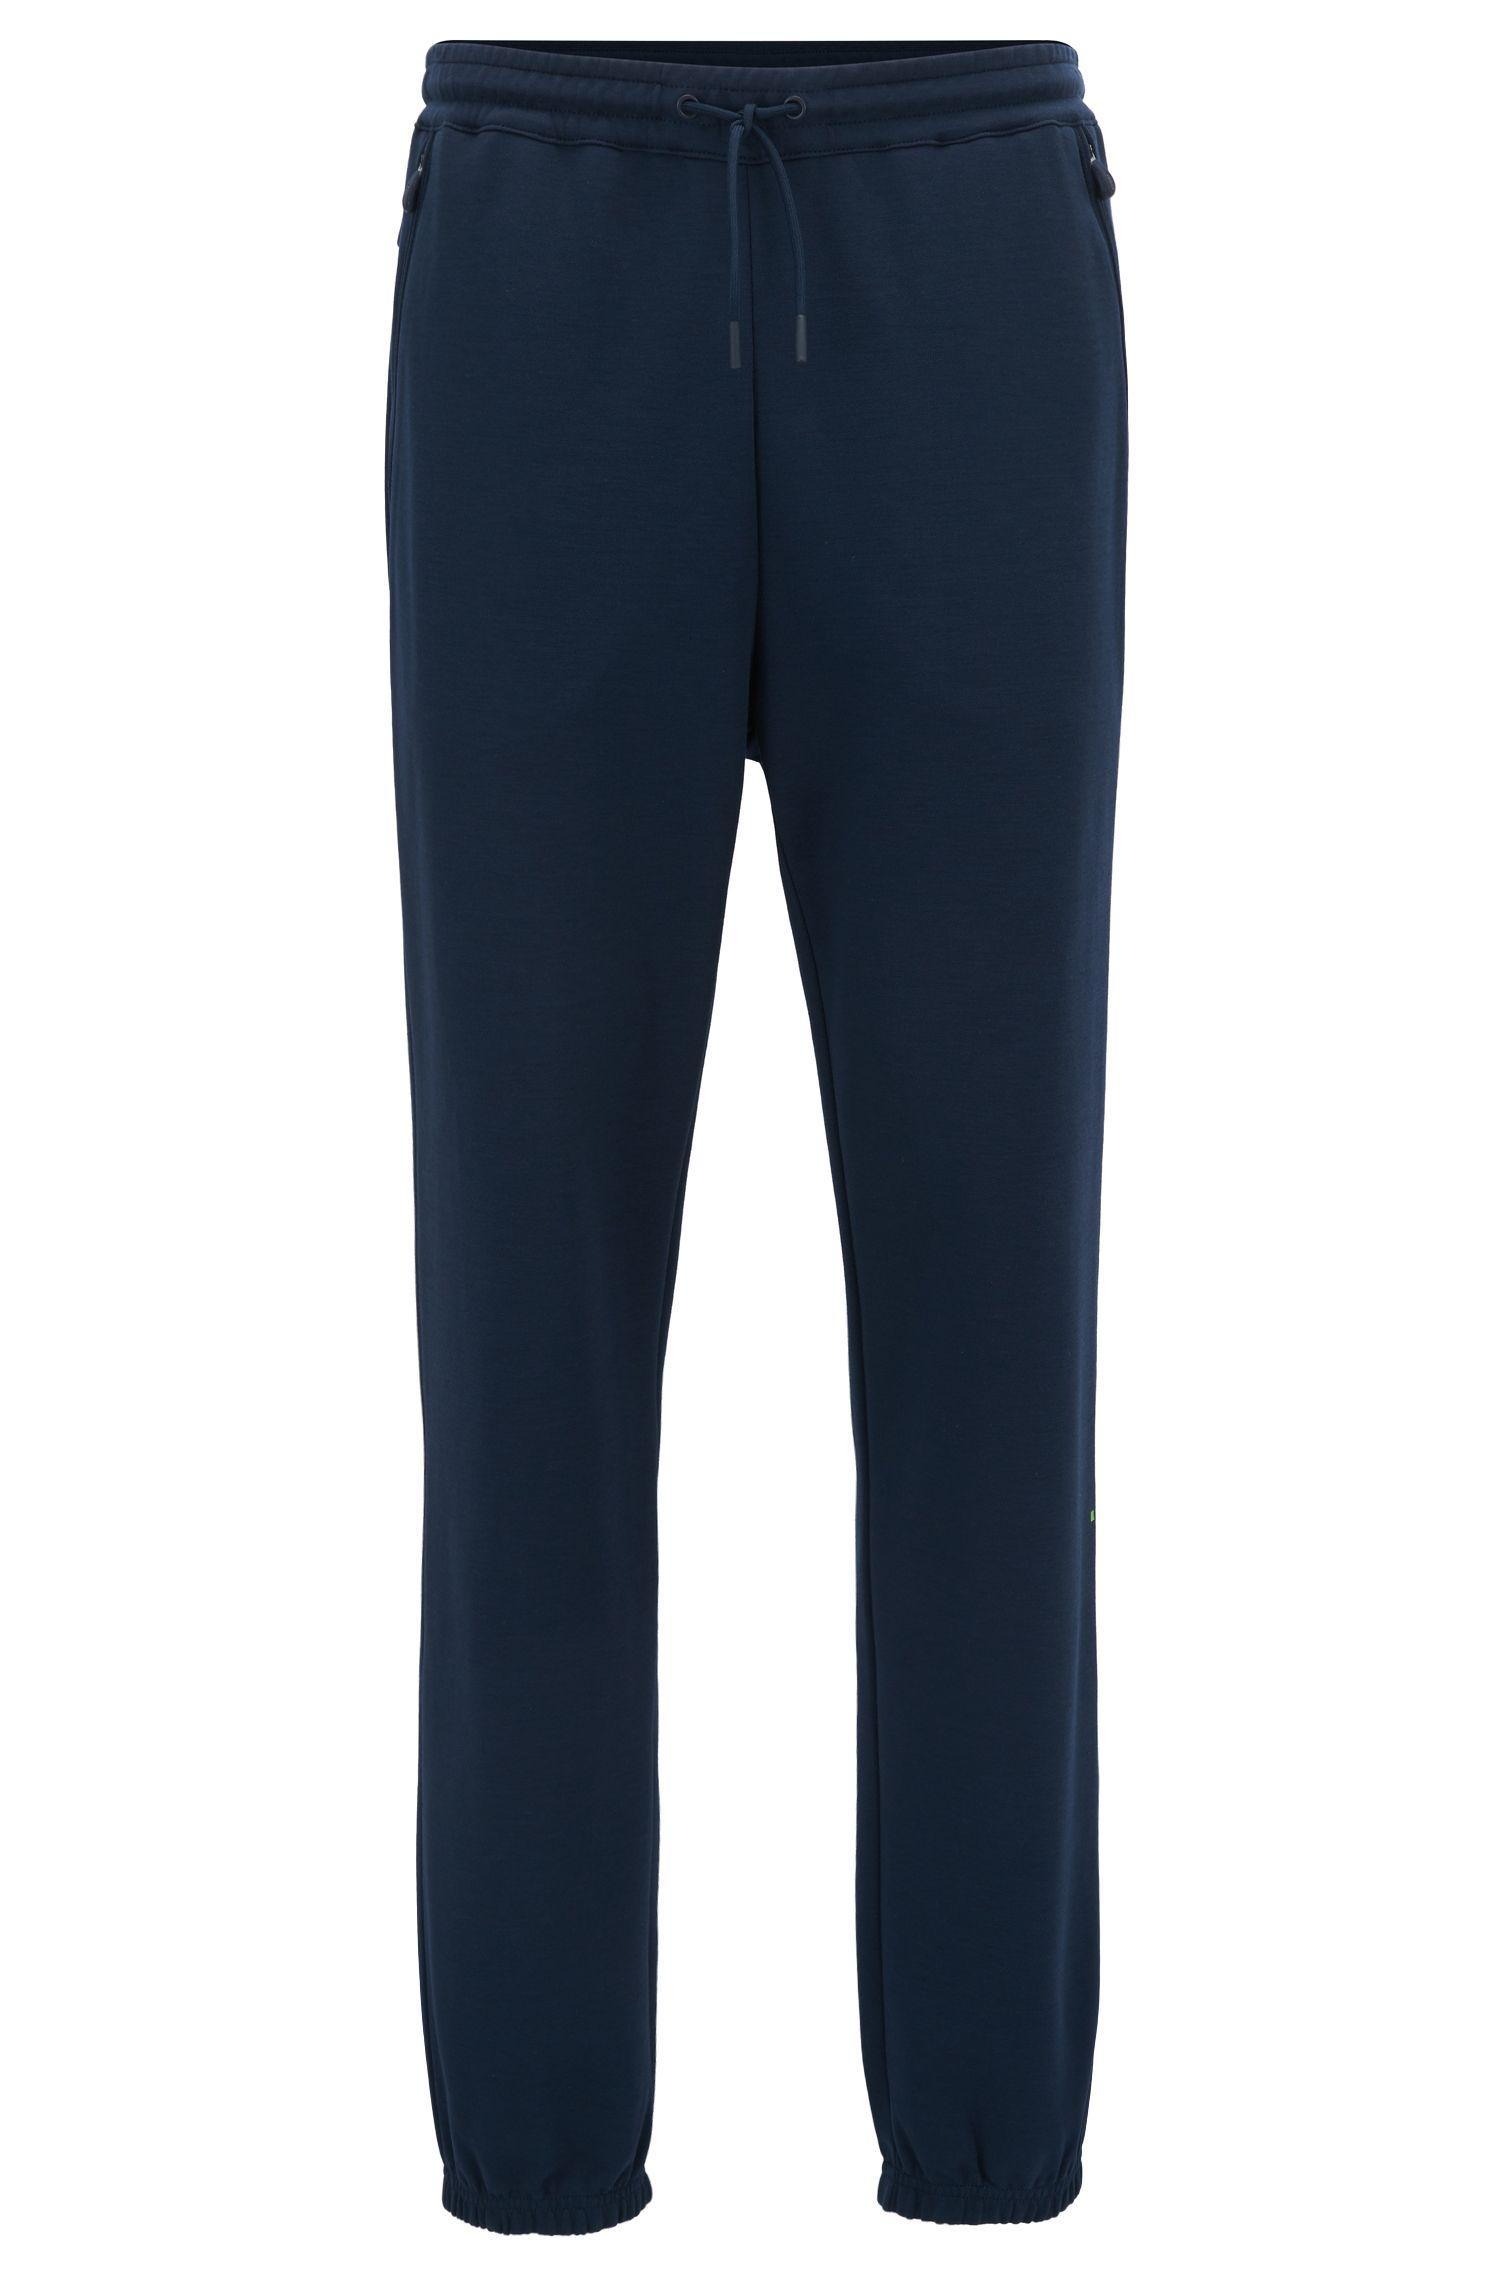 Pantalones slim fit en mezcla de algodón repelente al agua